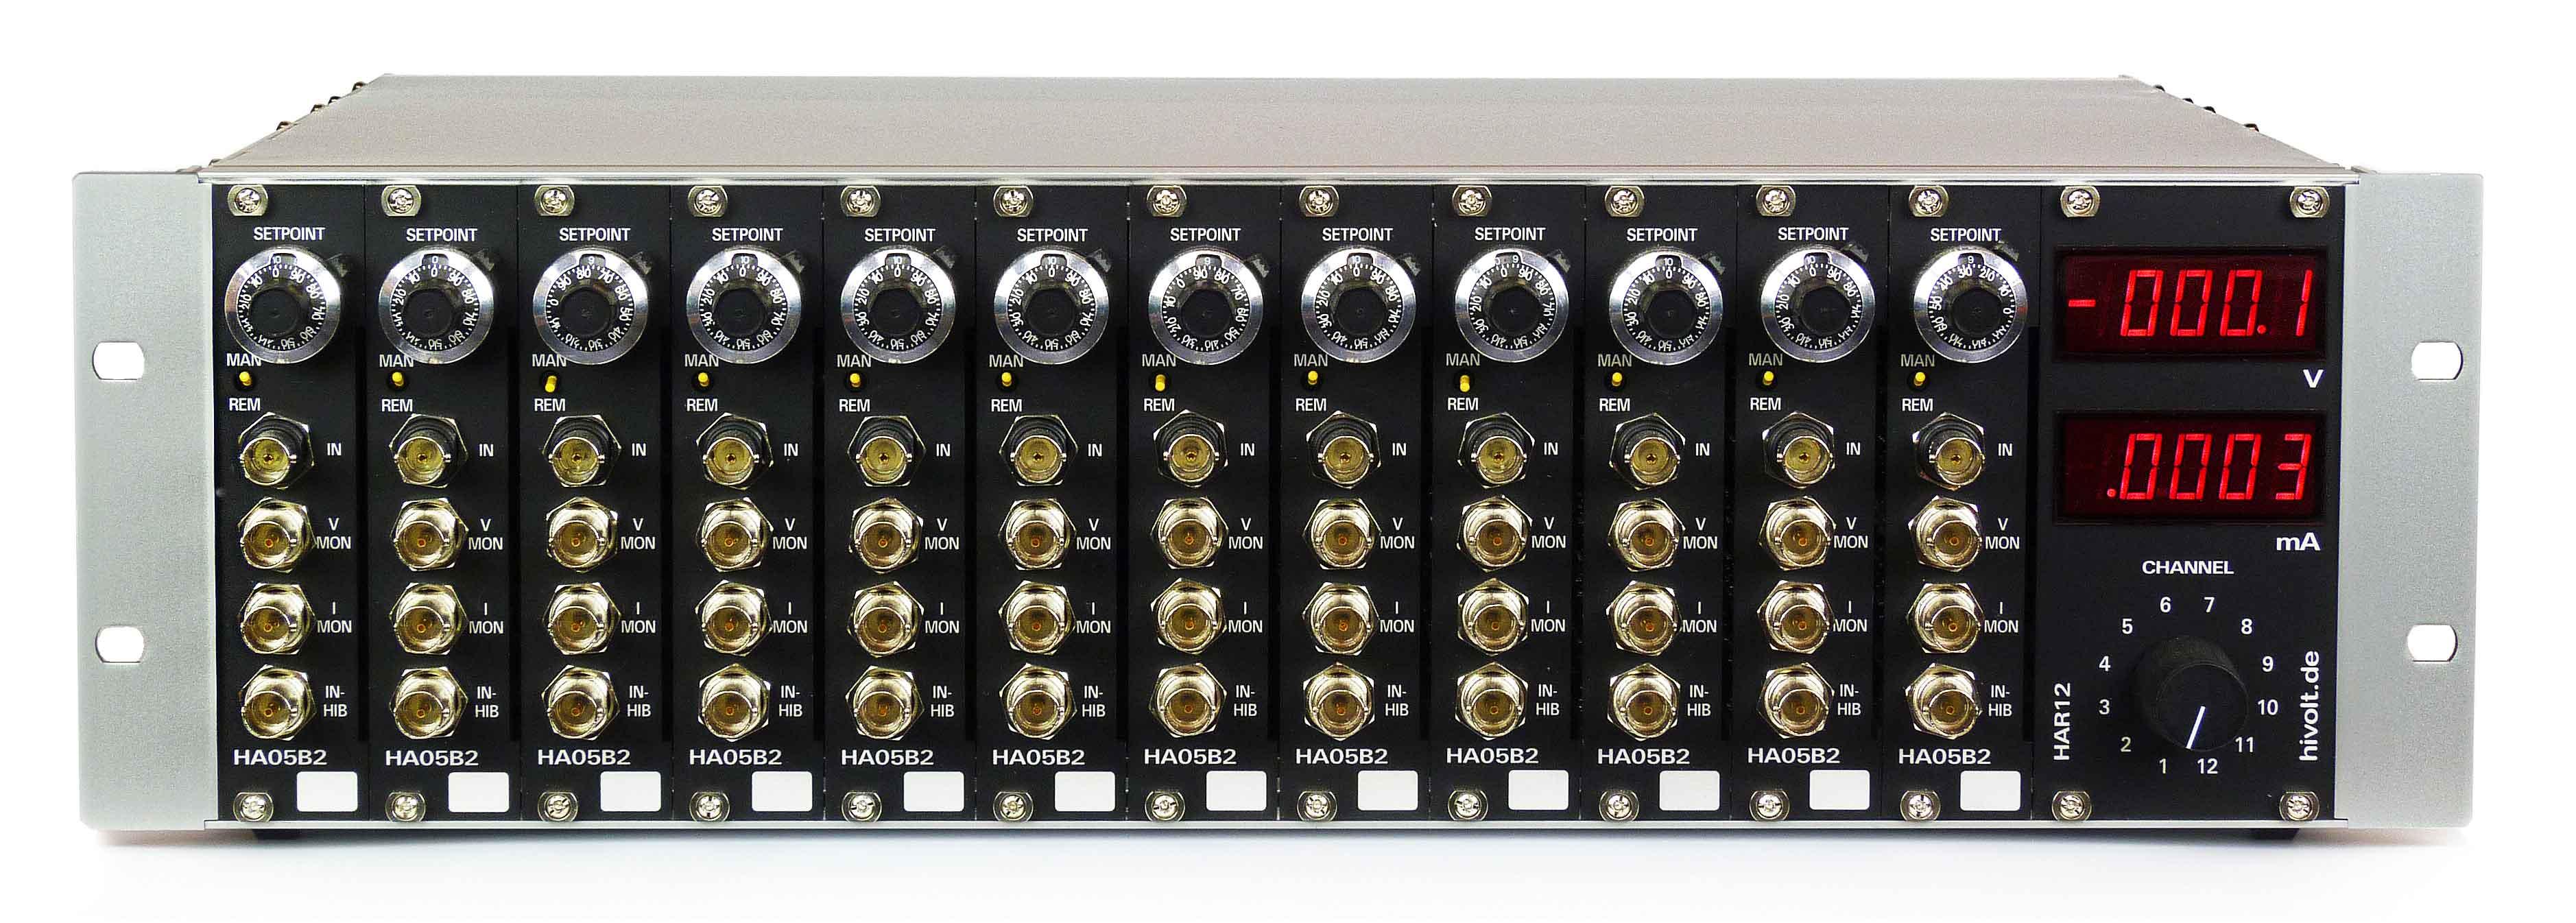 Amplificateur haute tension HAR12, +/- 500 V, multivoies 12 voies, chassis rack standard, reglage potentiometre, affichage digital du courant, Hivolt.de